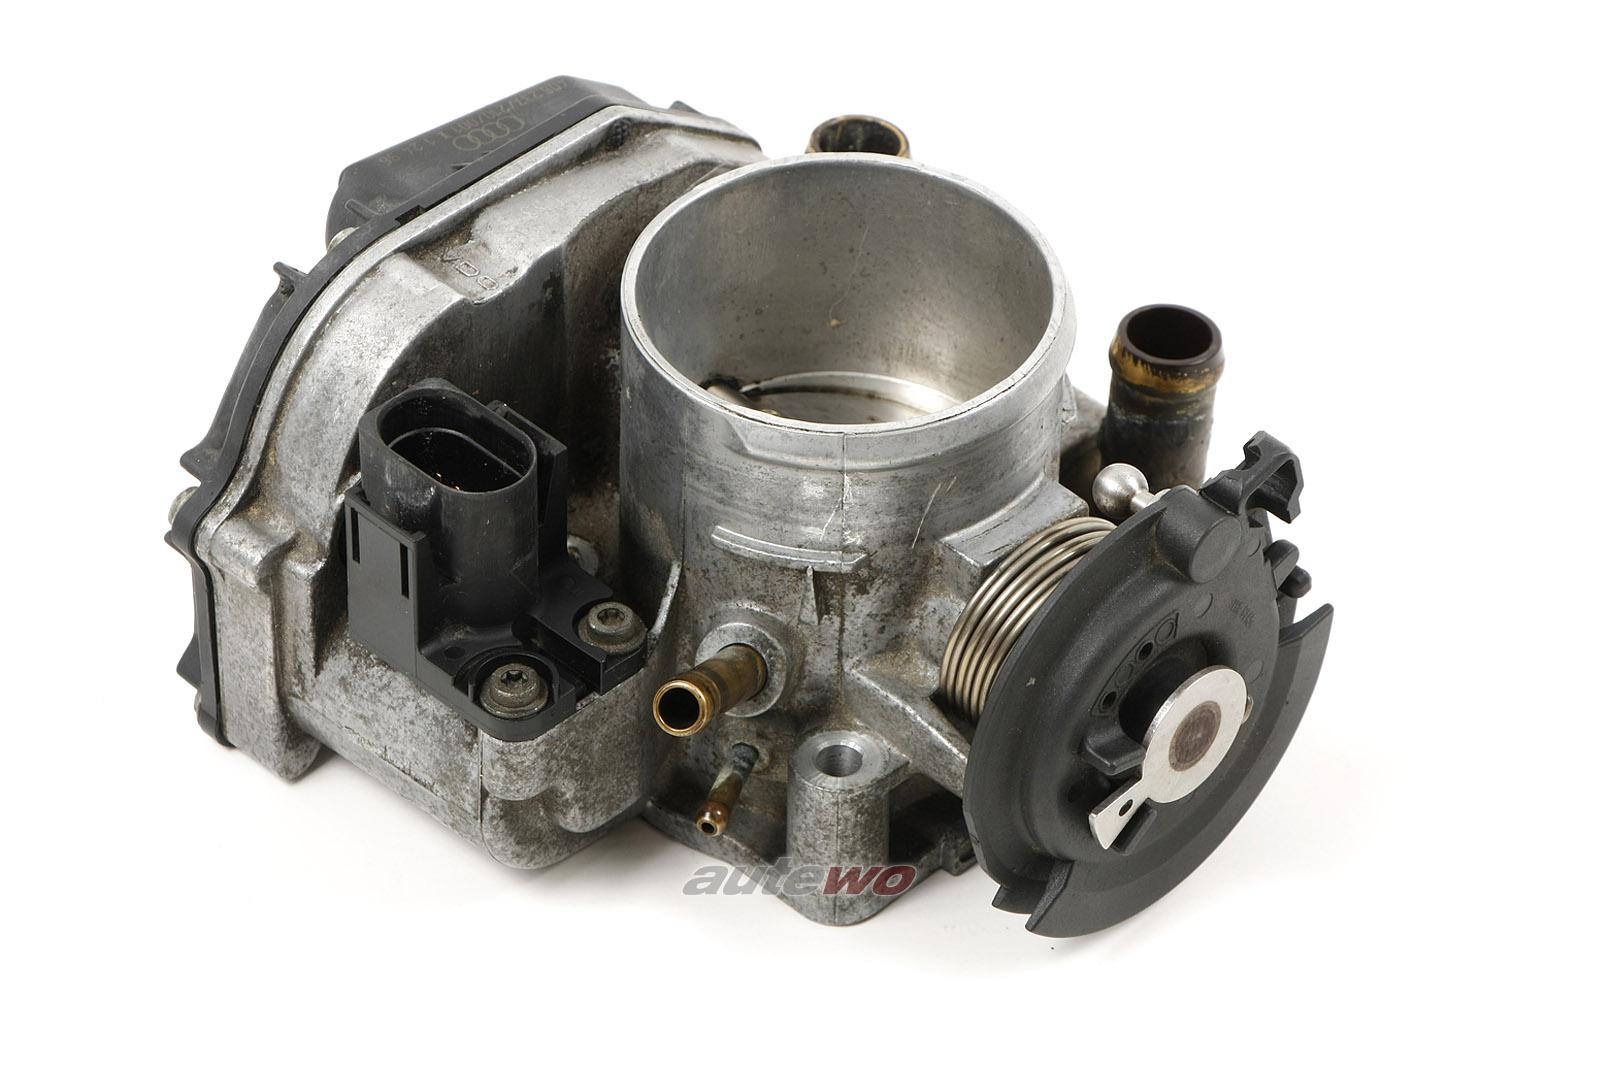 058133063 408.237/210/001 Audi A4 B5 1.6-1.8l Drosselklappe Schaltgetriebe